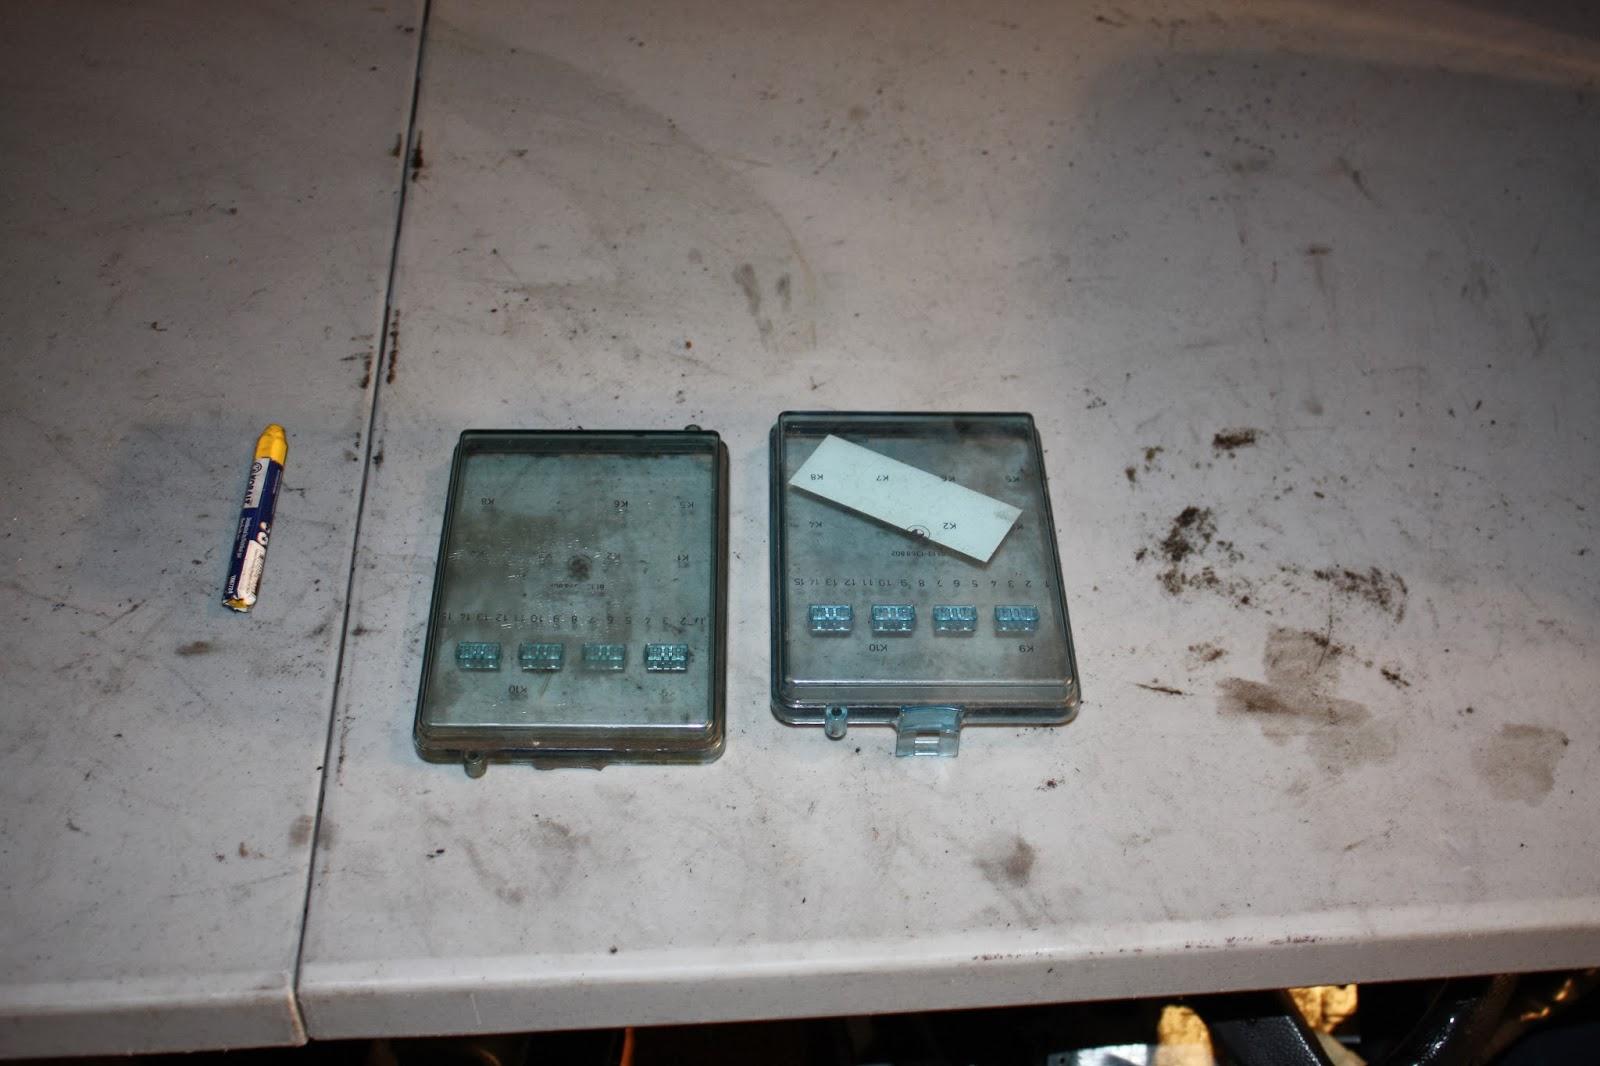 krevcon bmw parts: e30 fuse box cover bmw e30 fuse box for sale bmw e30 fuse box wiring